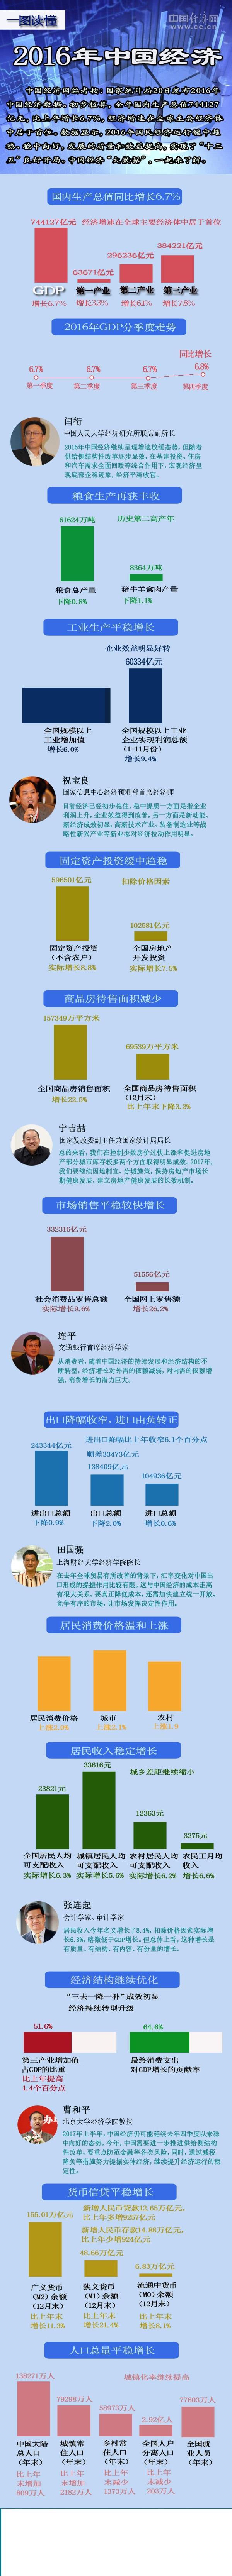 一图读懂2016年中国经济 - 赣西之子(曾  锋) - 赣西之子(曾锋)博客